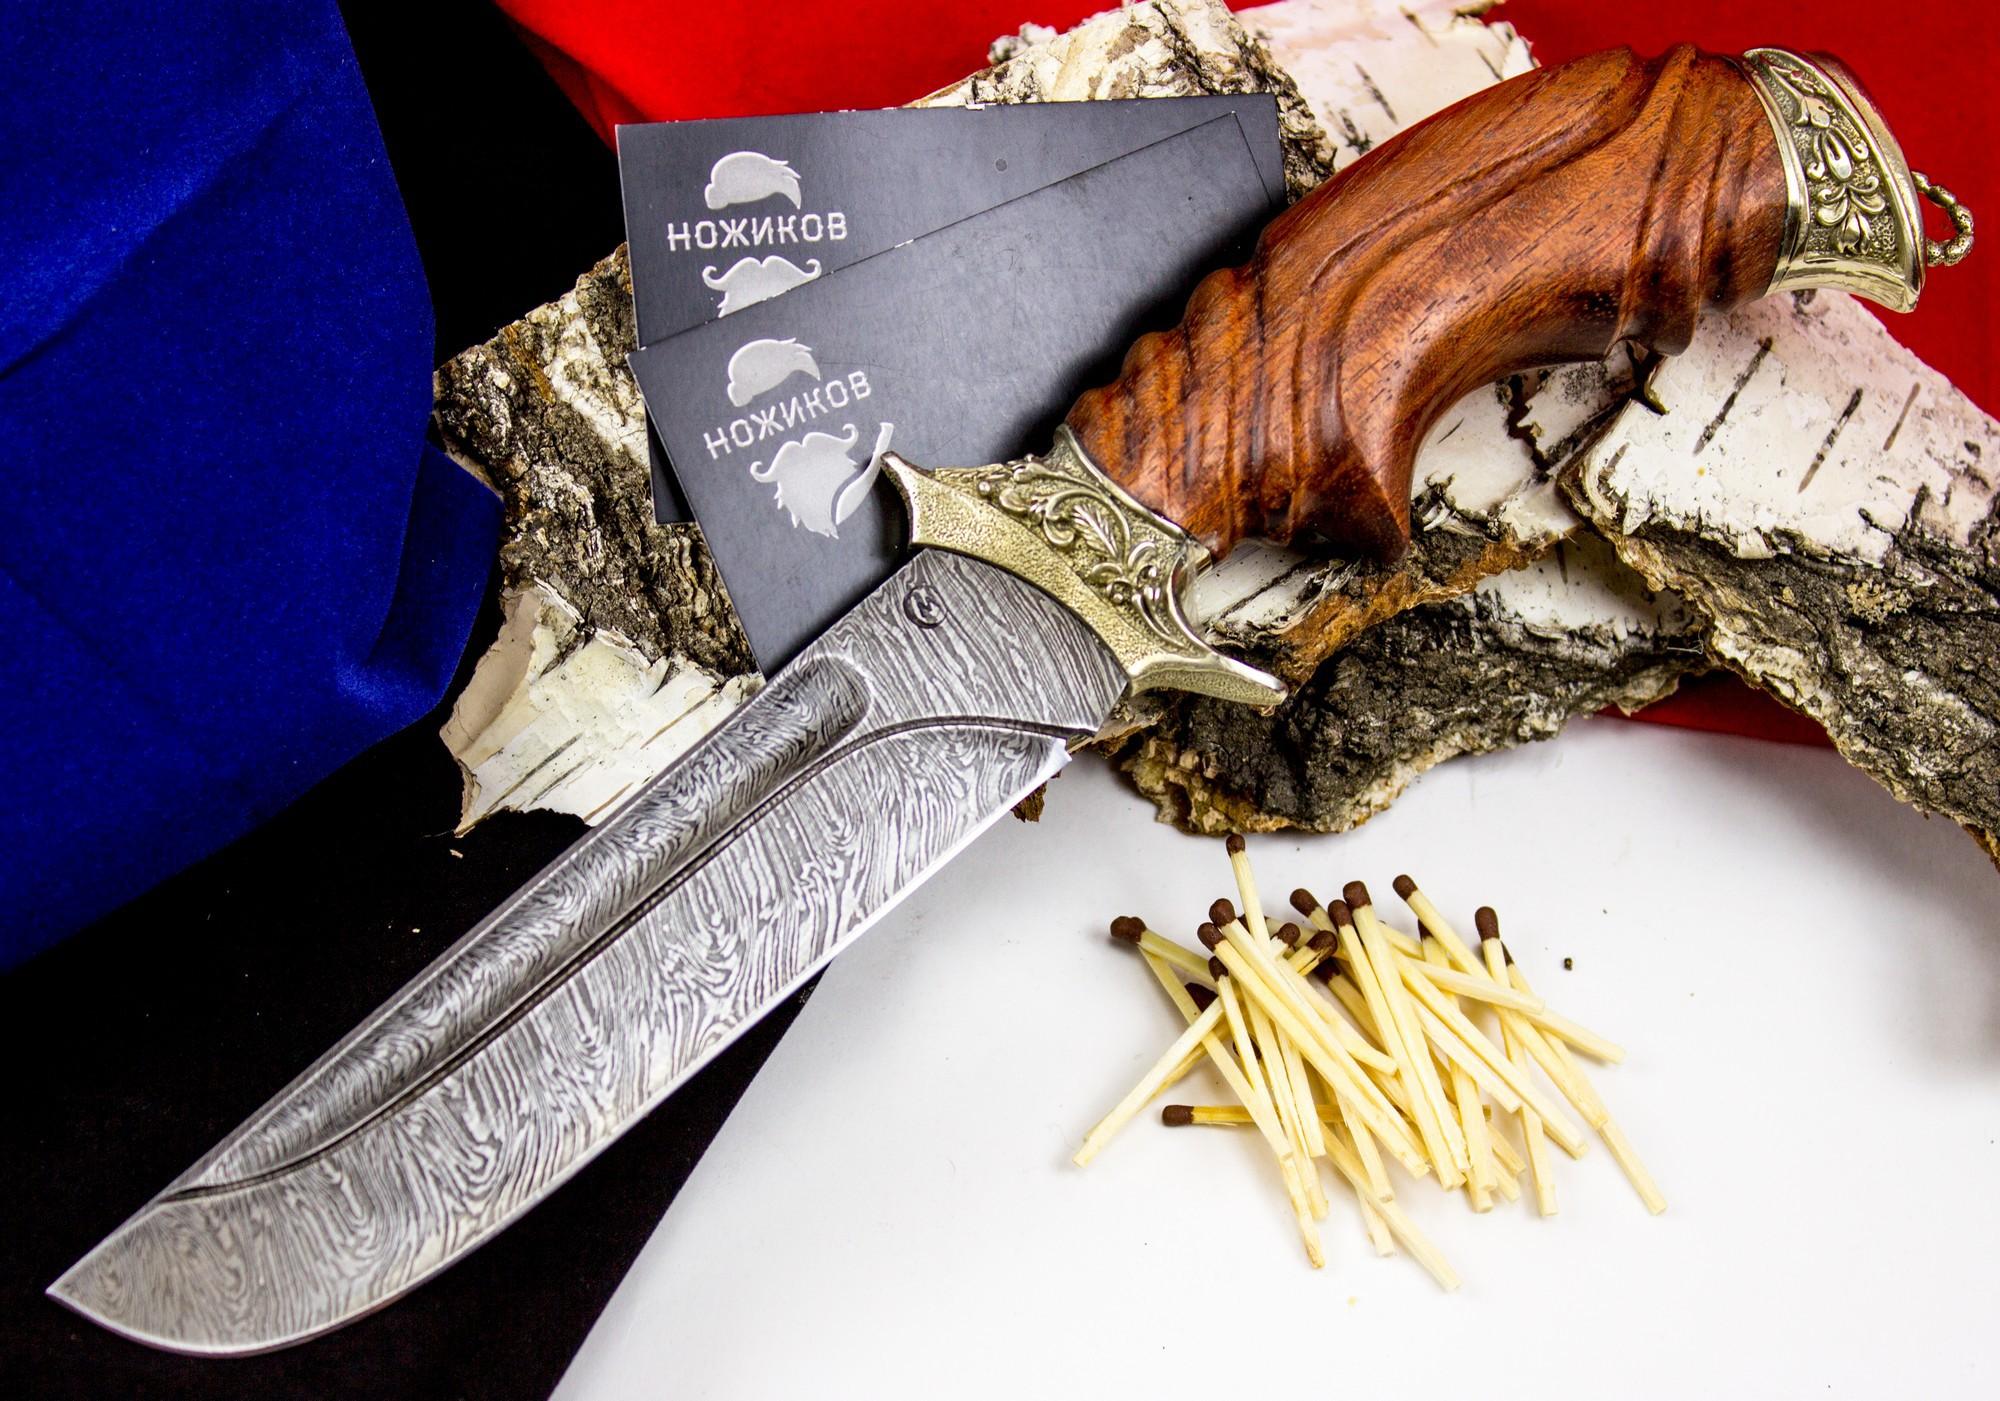 Нож Варяг с резной рукоятью , дамасская стальНожи Ворсма<br>Необычная форма ножа «Варяг» привлекает внимание. С первого взгляда становится понятно, что данный нож не является оружием. Это сразу заметно по клинку «без острия», у которого угол между обухом и скругленным лезвием составляет более 70 градусов. Лезвие ножа «Варяг» - с прямым обухом, ближняя к острию половина обуха - фальшлезвие без заточки, спуски выполнены по всей длине. Резная рукоять ножа «Скорпион» изготовлена из древесины ценных пород с подпальцевой выемкой. Гарда с двойным ограничителем и тыльник украшены узорным литьем из мельхиора. Уникальная по свойствам дамасская сталь - основа сдержанной красоты кованого ножа «Варяг».<br>